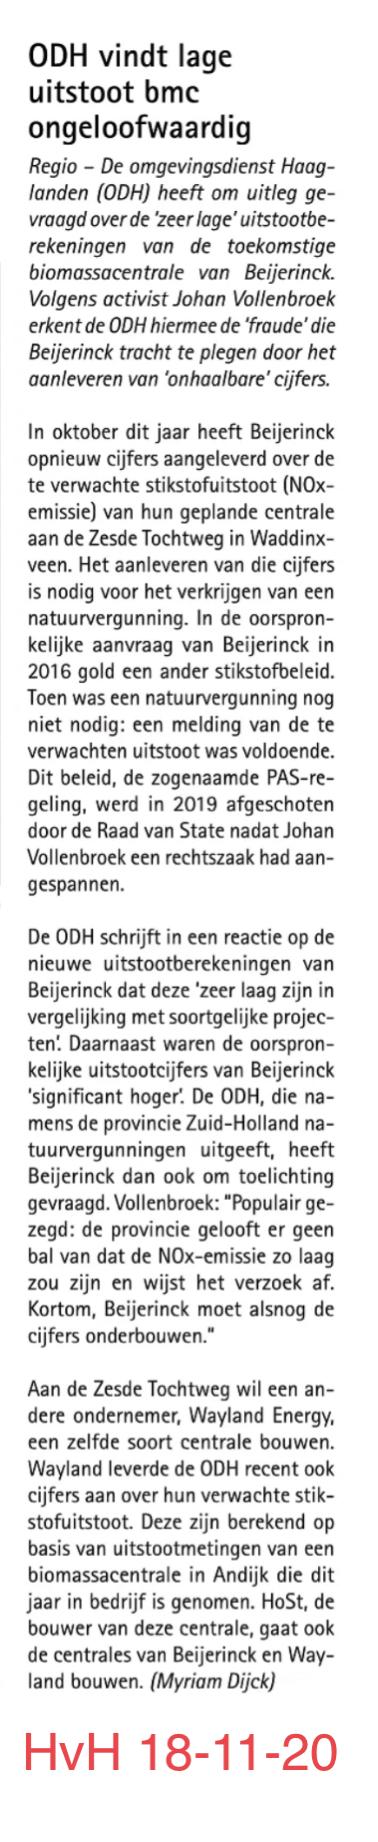 ODH vindt lage uitstoot bmc ongeloofwaardig